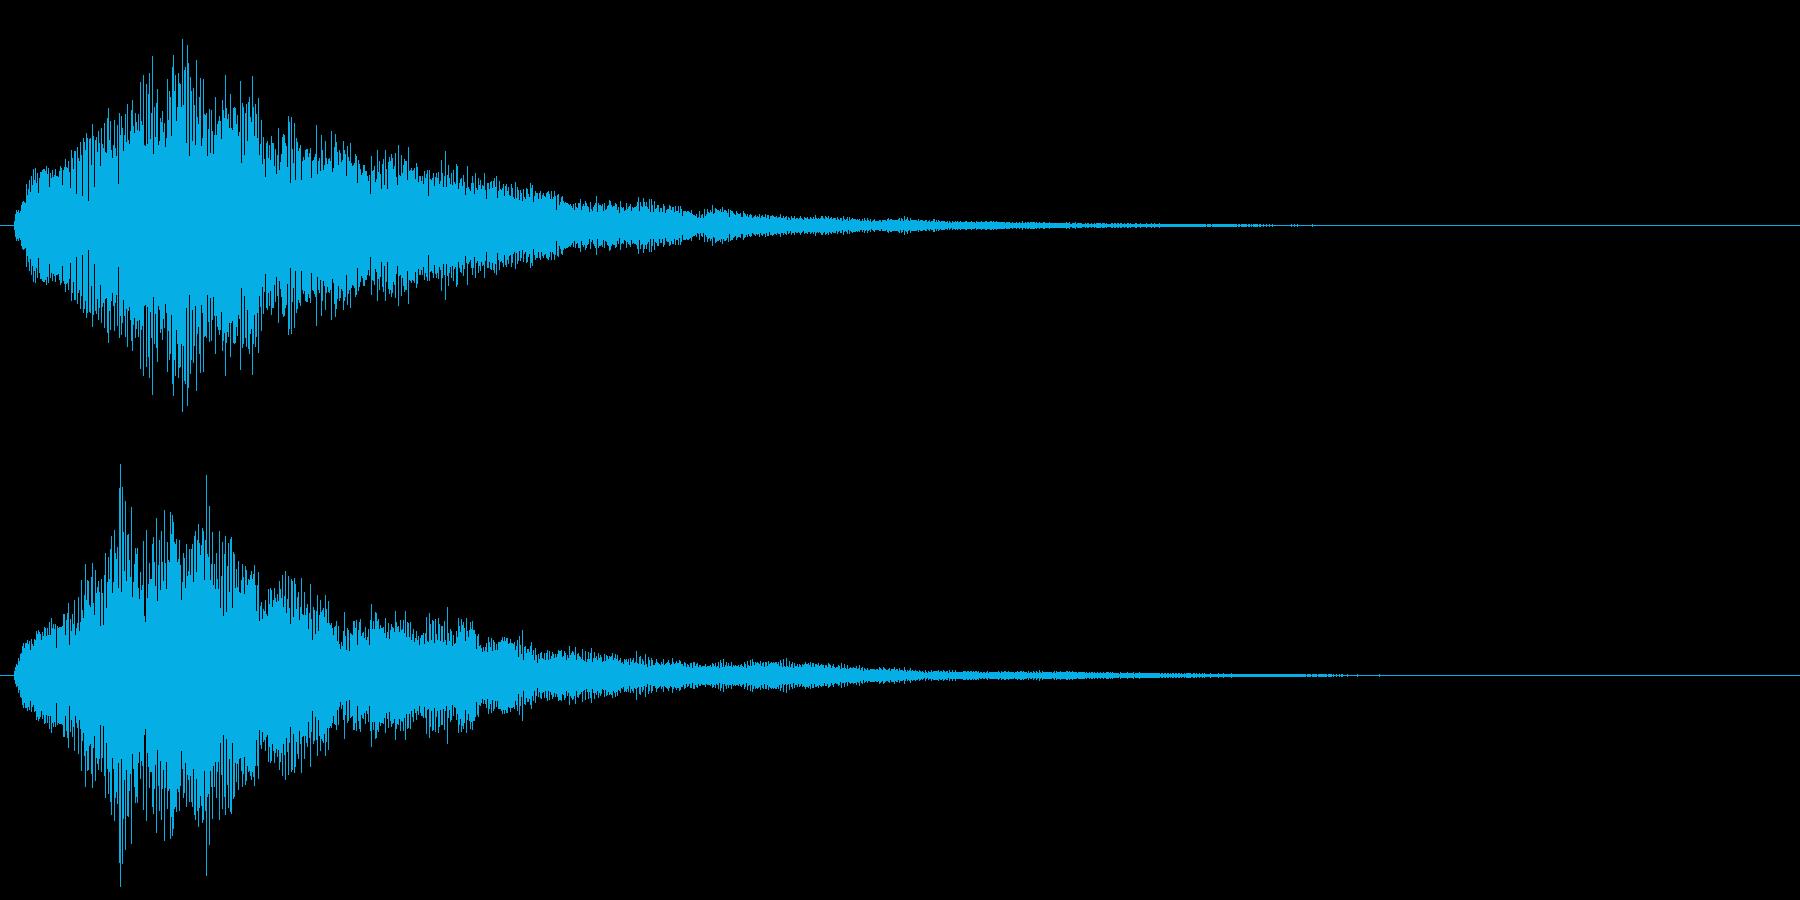 キラキラ シャラランなアタック音1の再生済みの波形